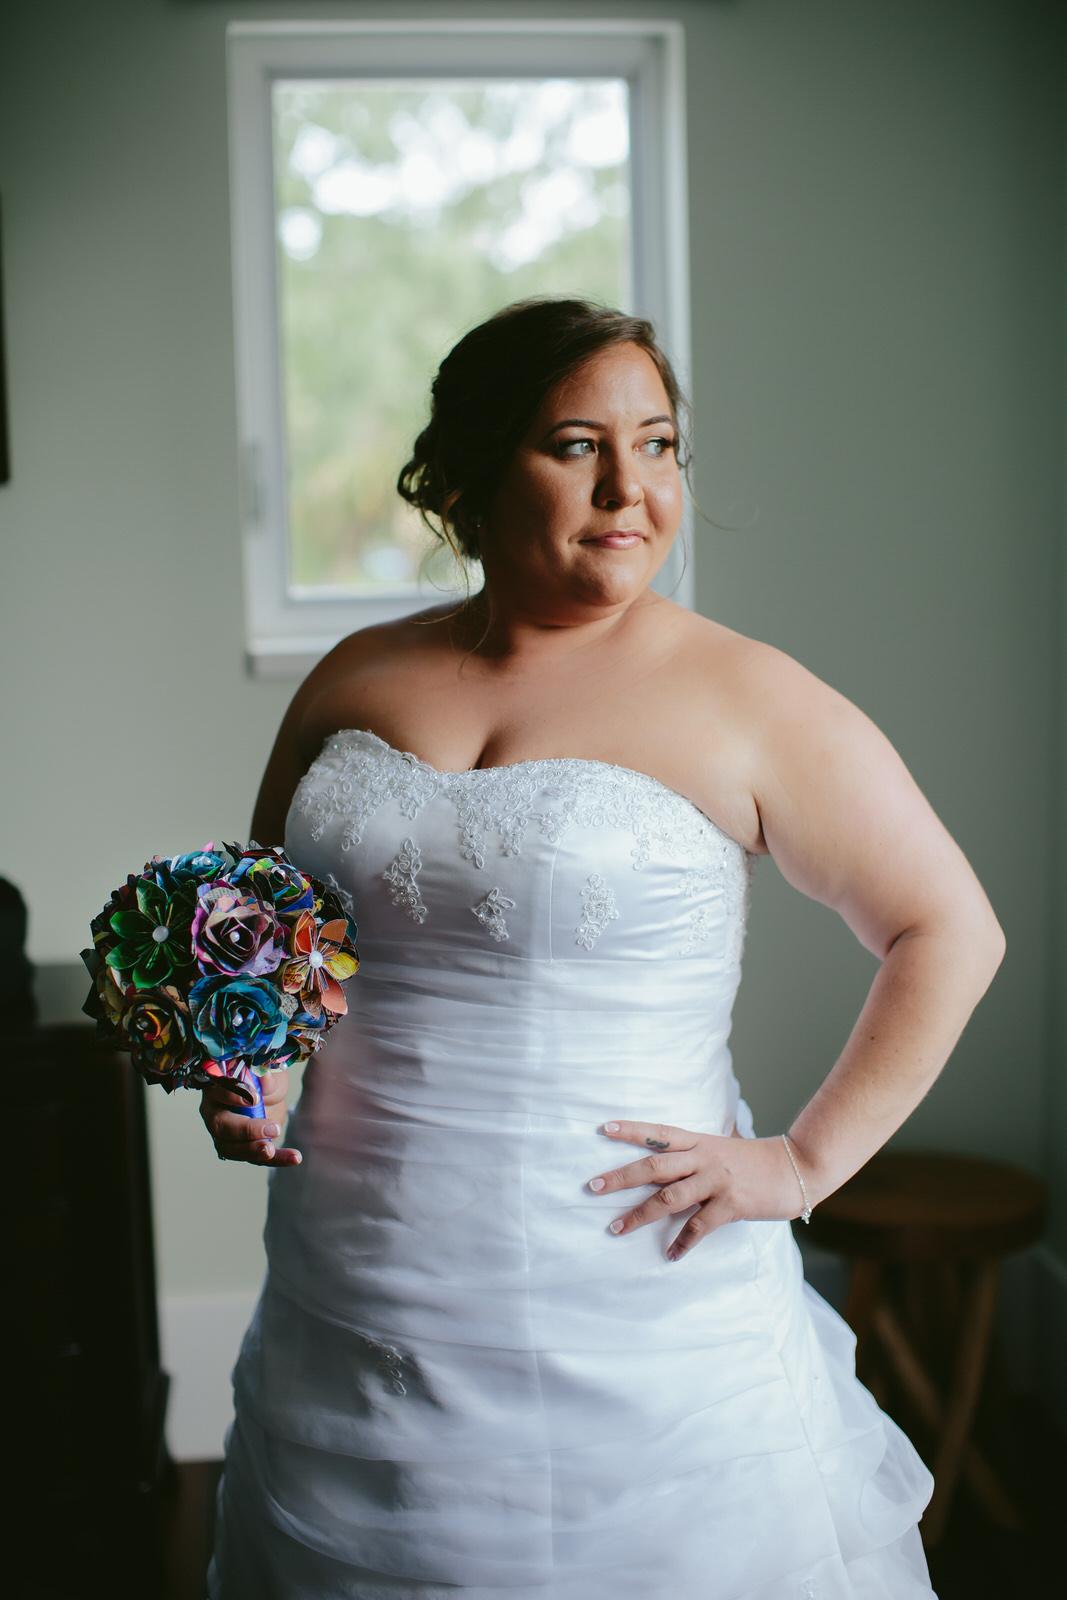 hollywood_estate_wedding_steph_lynn_photo_getting_ready_details-115.jpg